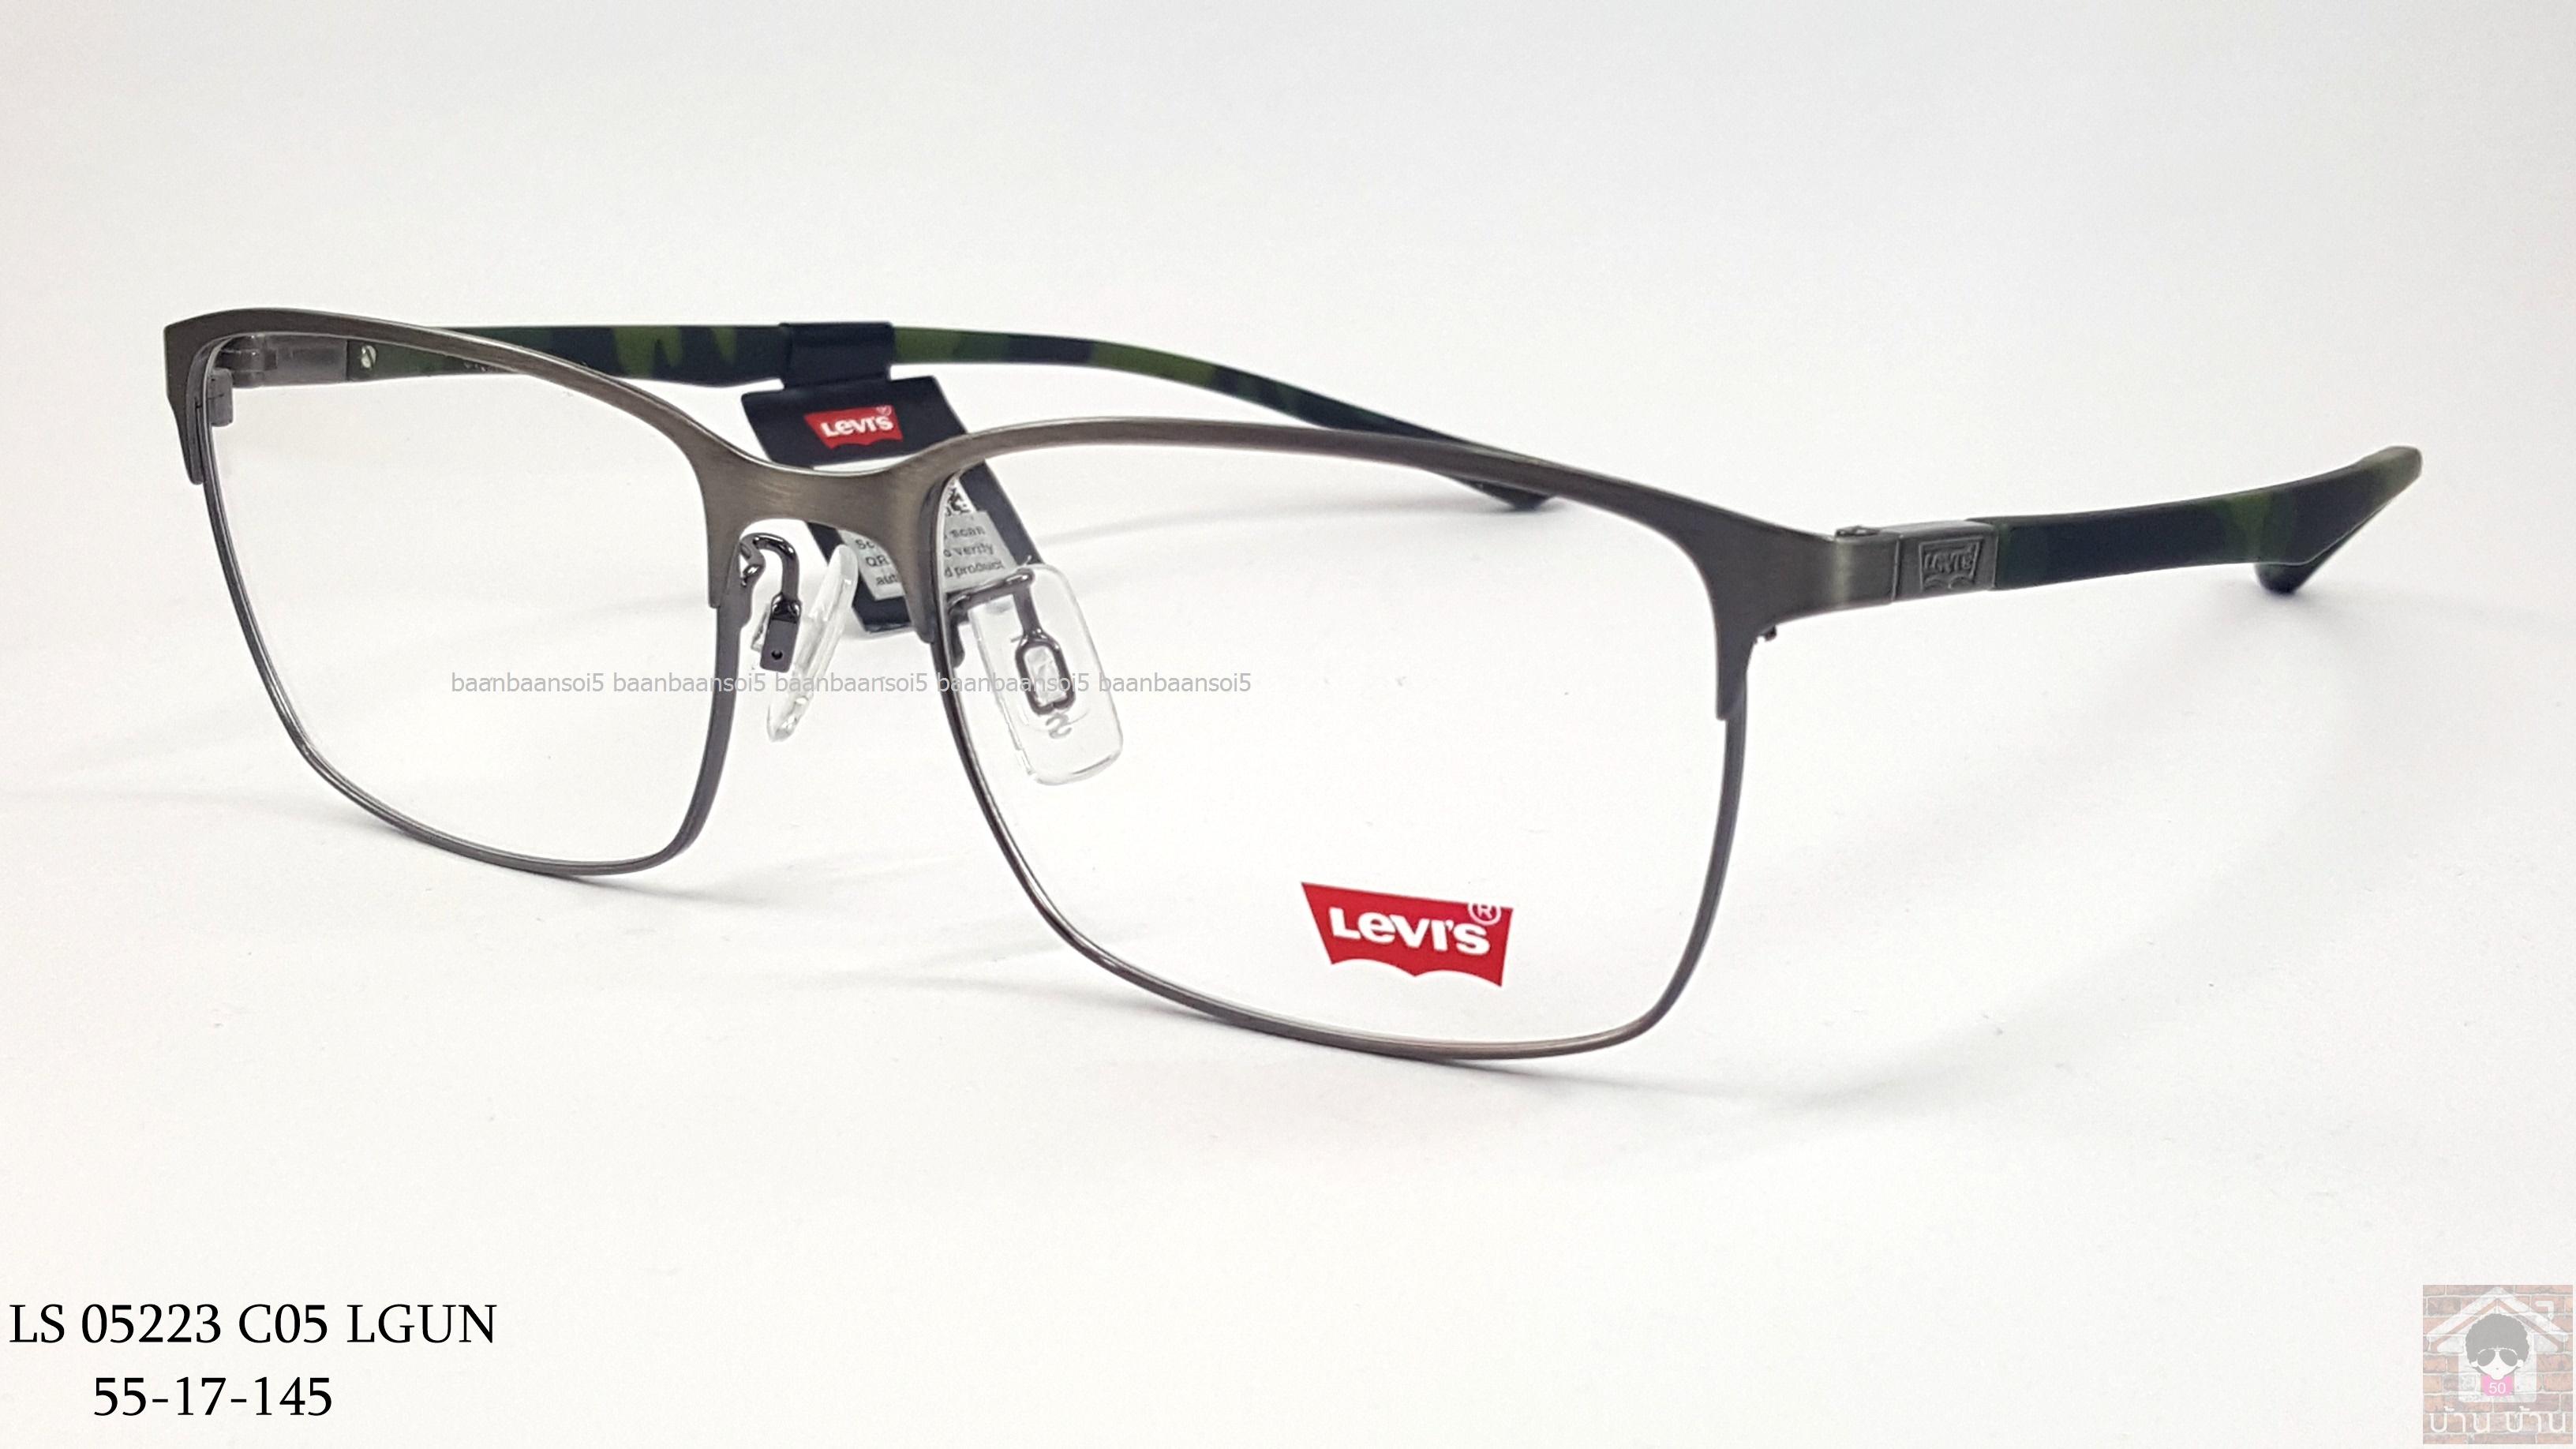 Levi's LS 05223 c05 โปรโมชั่น กรอบแว่นตาพร้อมเลนส์ HOYA ราคา 3,900 บาท